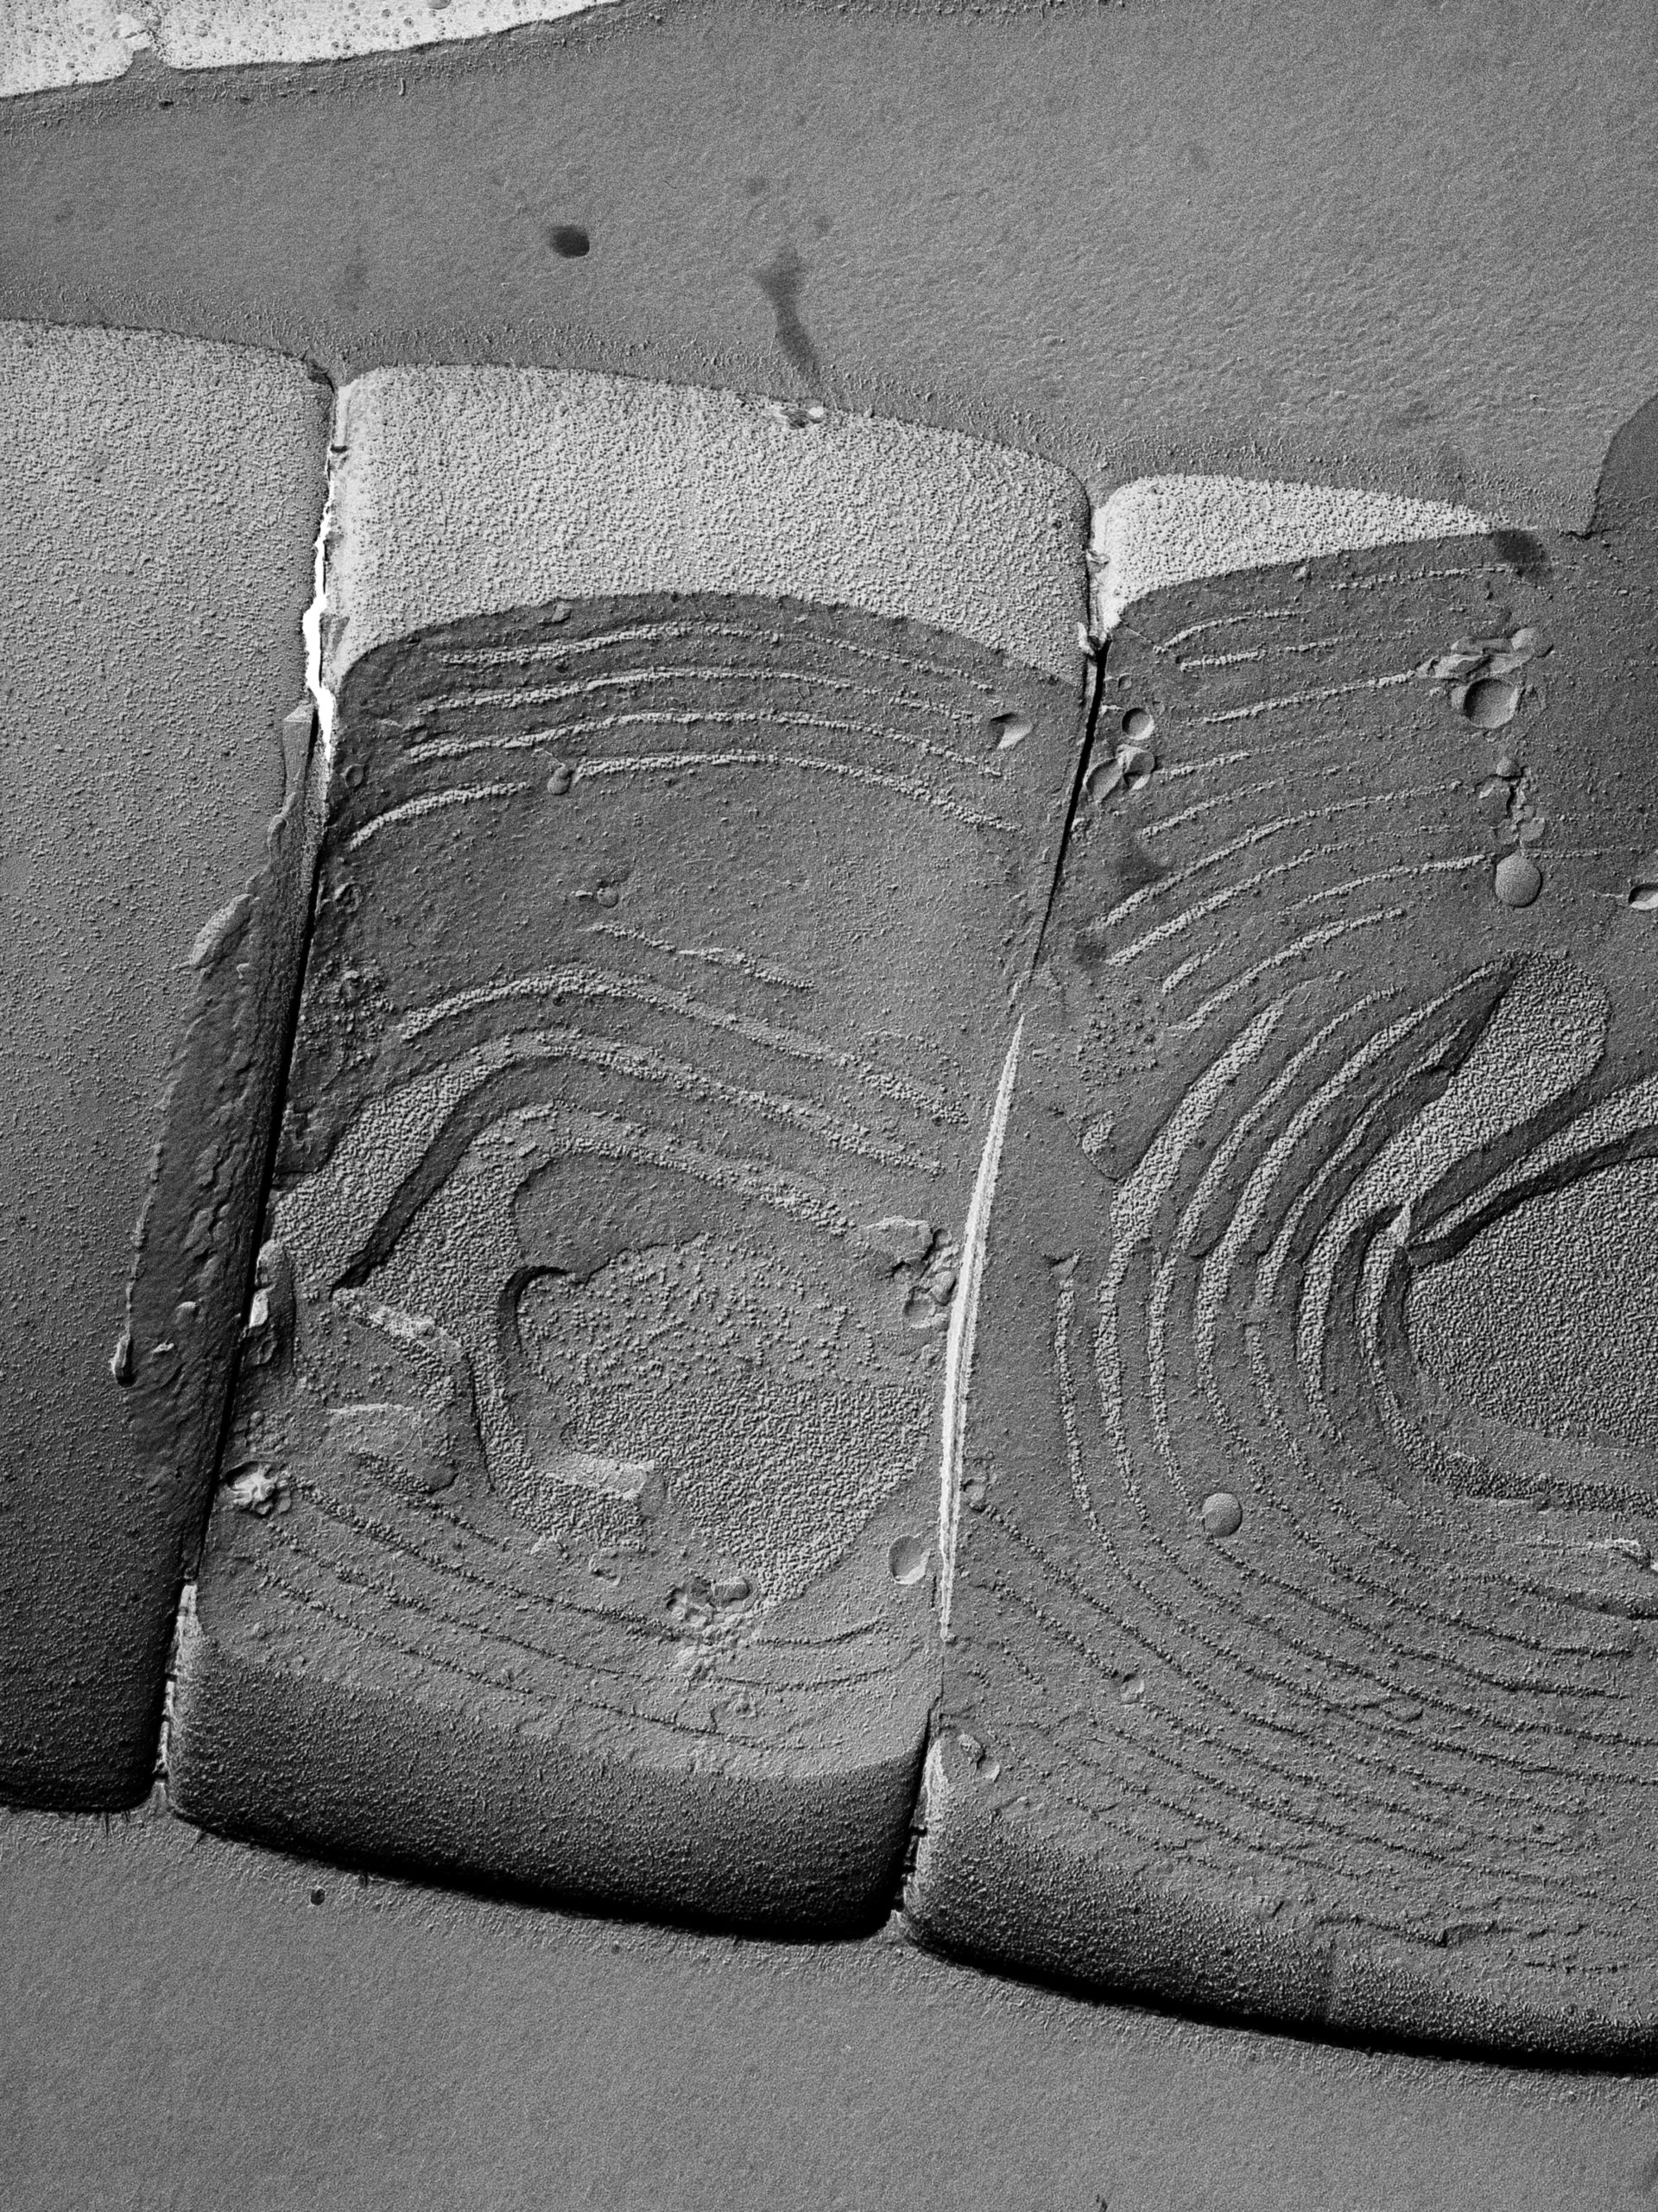 Oscillatoria tenuis (Thylakoid) - CIL:14687